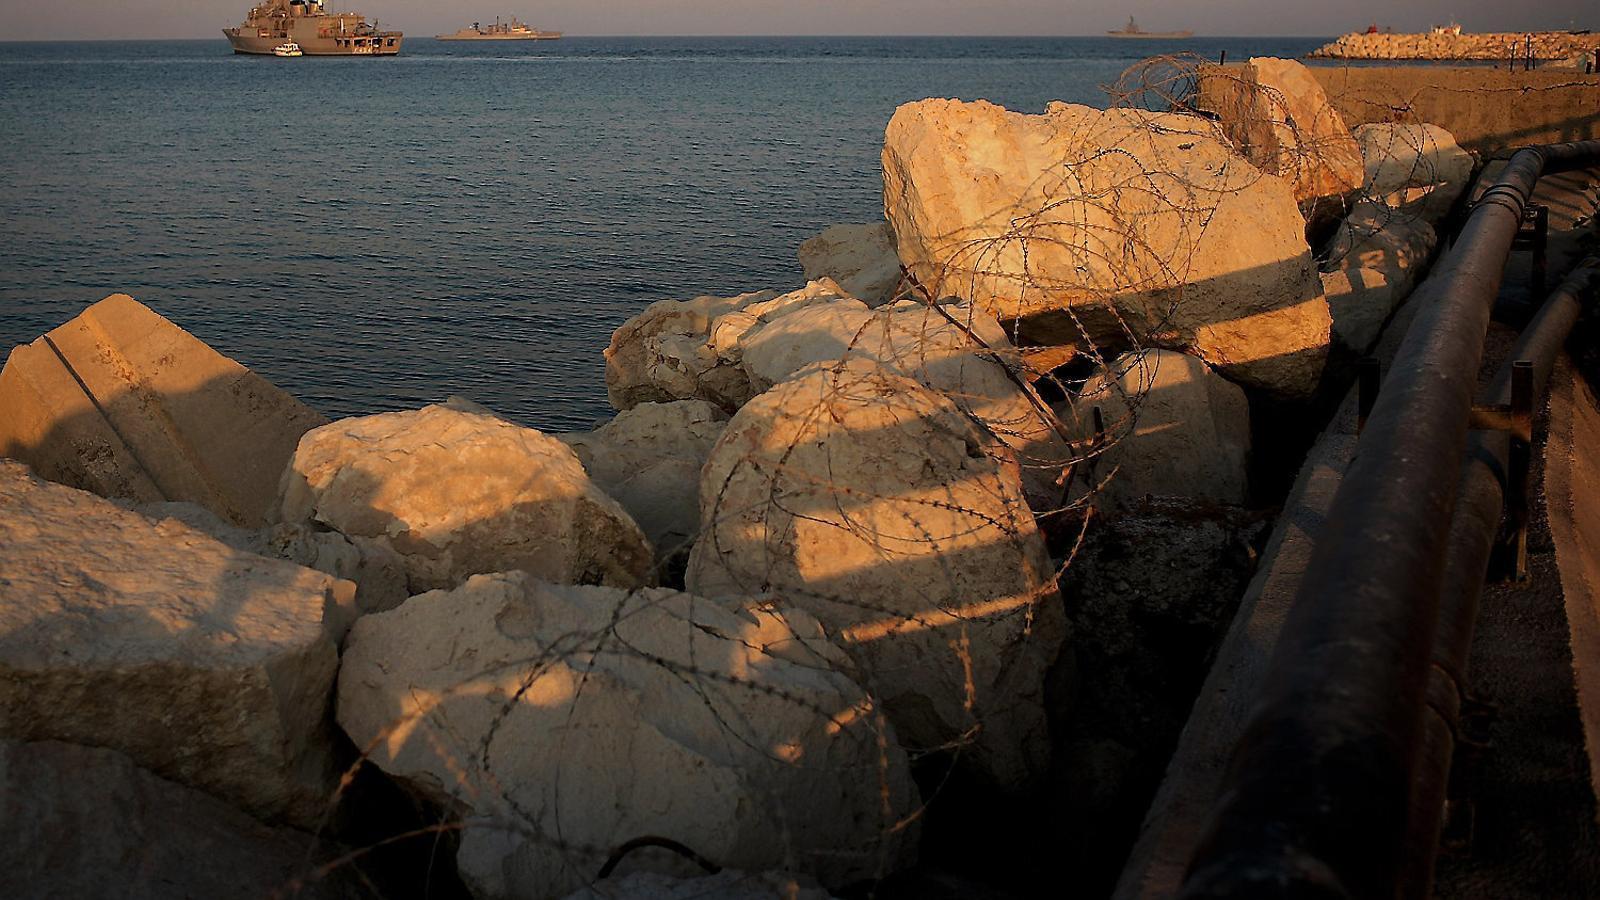 El mar Mediterrani, vist des de la costa de Xipre, on s'ha activat la ruta migratòria de persones procedents del Líban.